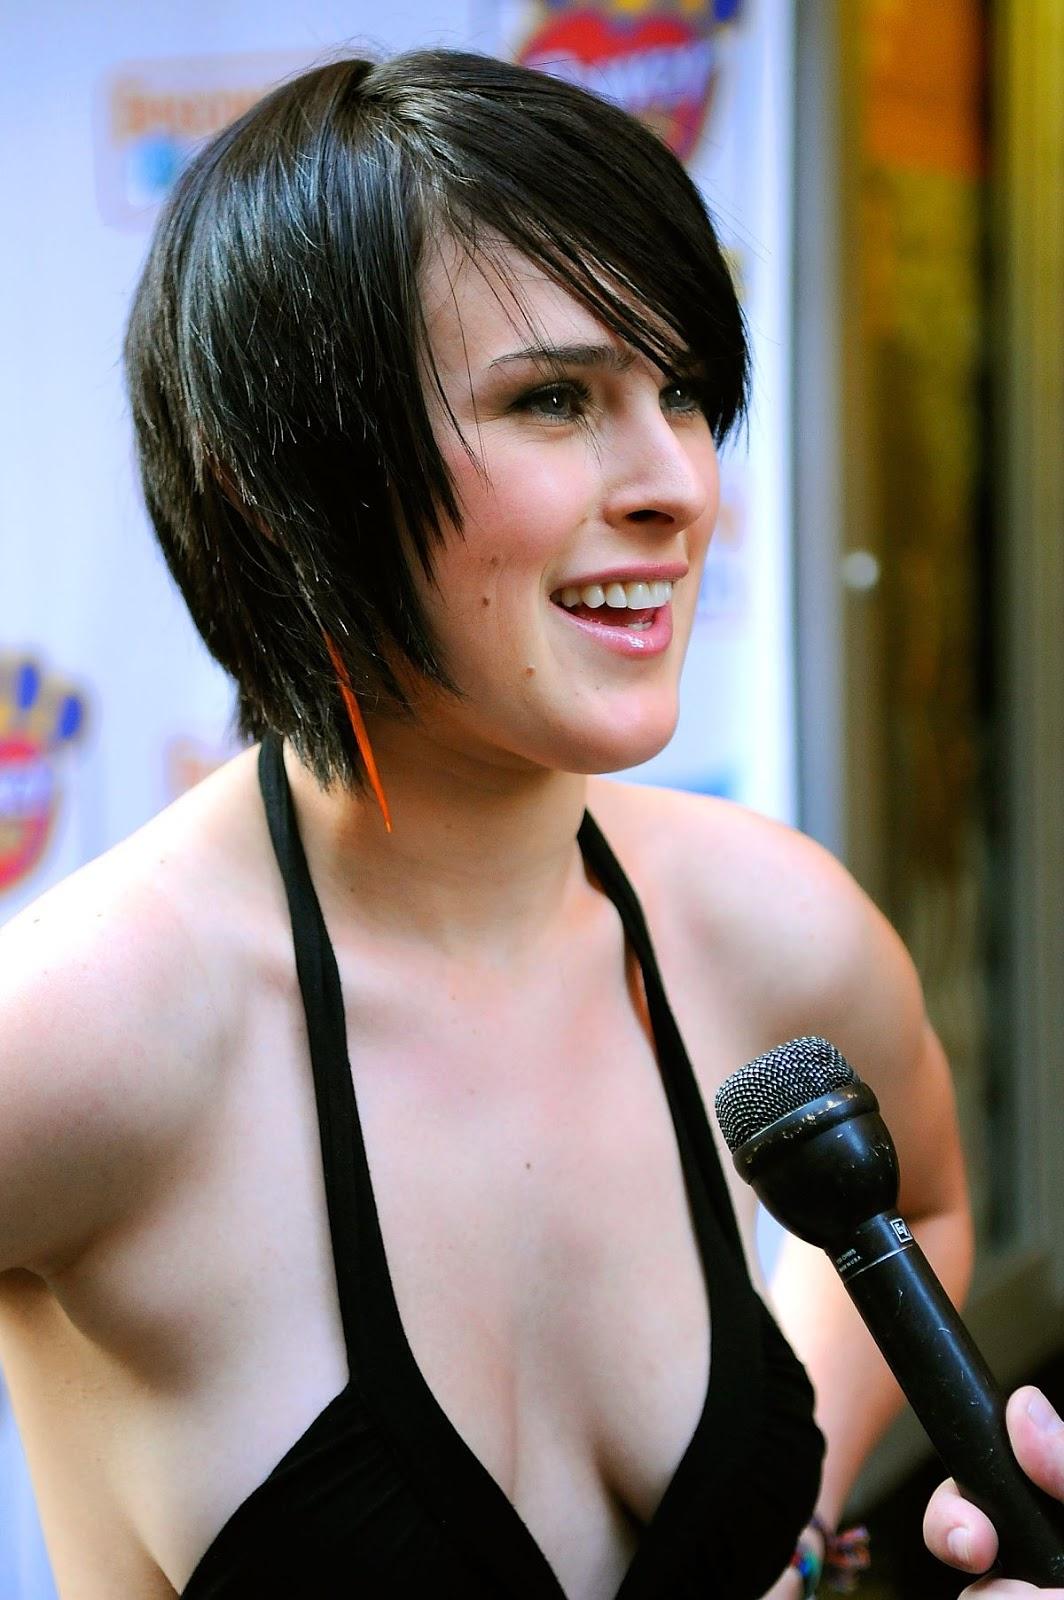 Nude Rumer Willis Bikini - Hot Girls Wallpaper